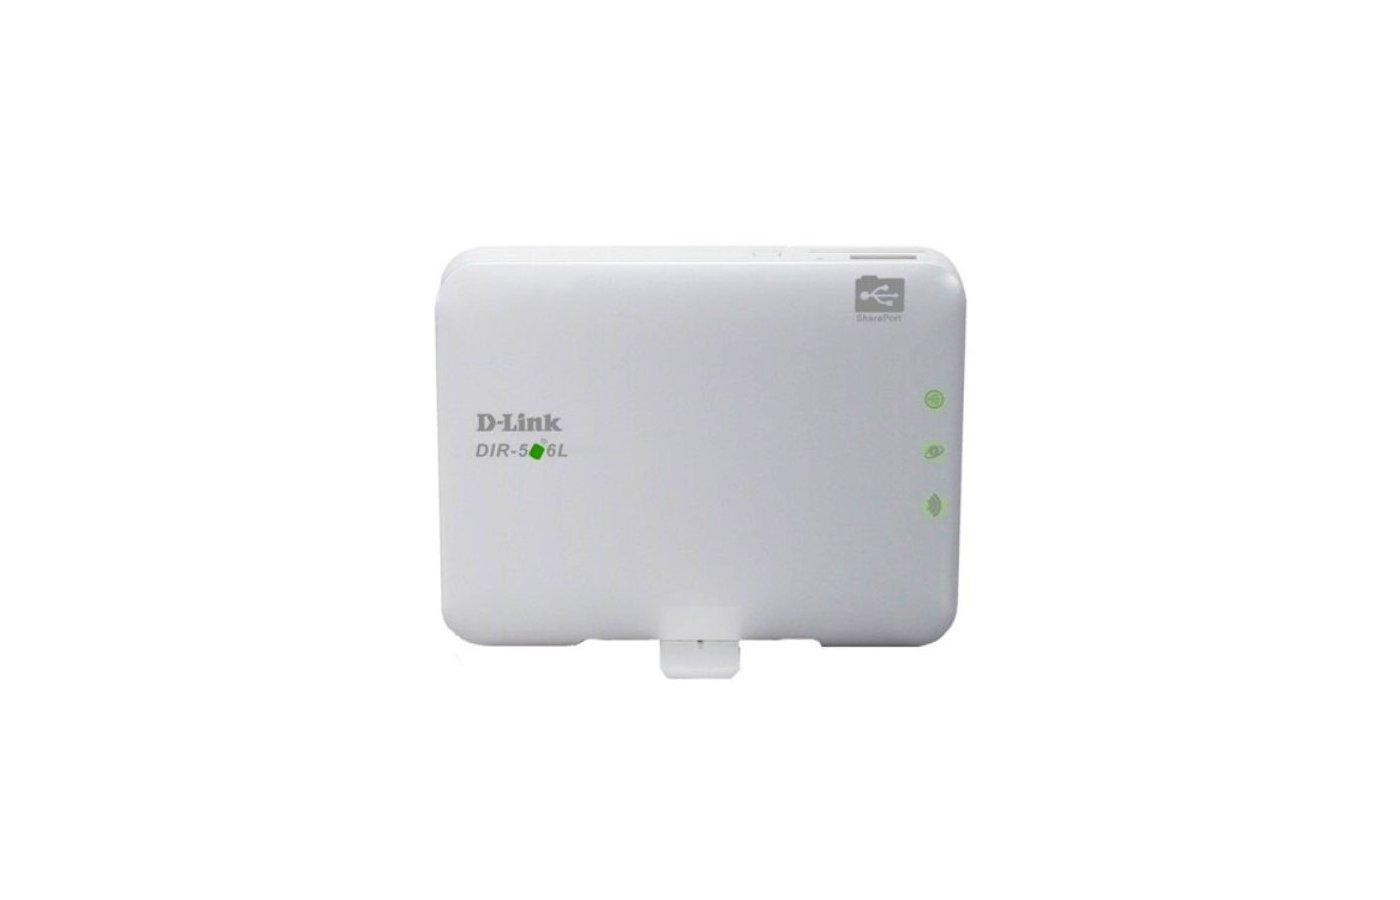 Сетевое оборудование D-Link DIR-506L/A2A